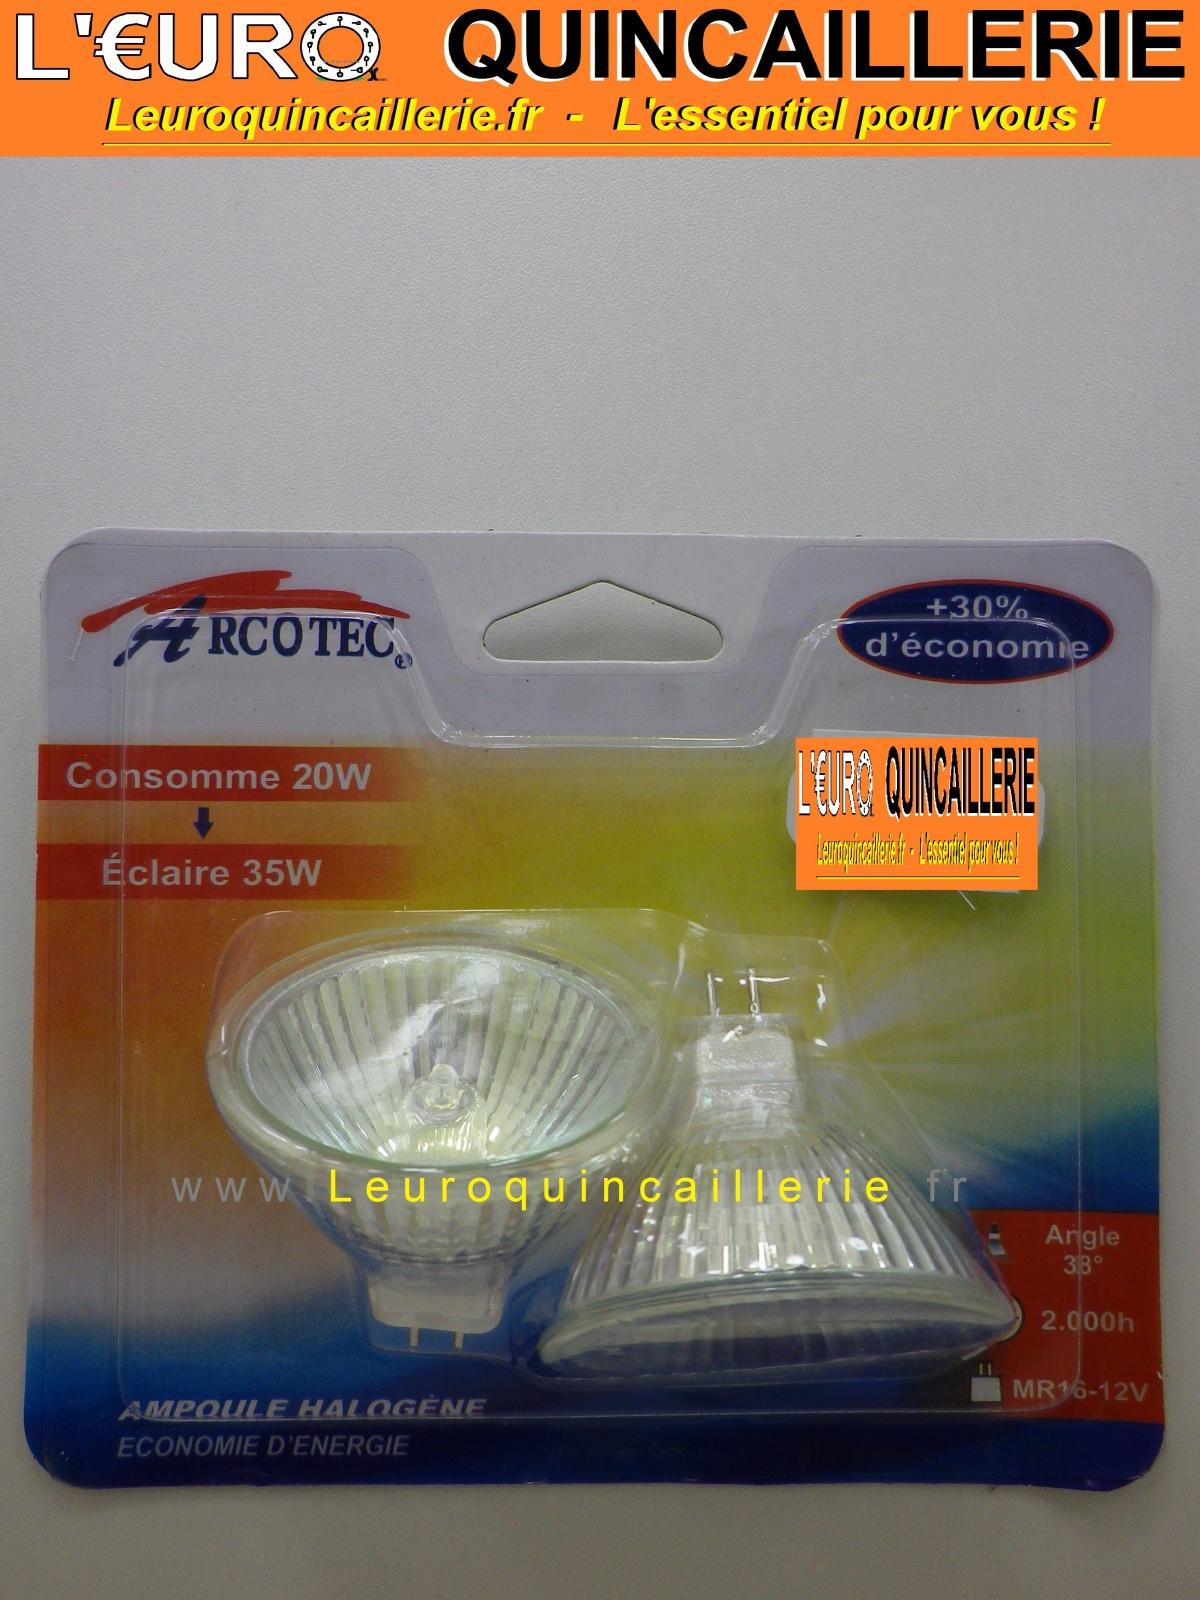 2 ampoules halog ne mr16 12 volts 20w claire 35 watts - Quincaillerie paris 16 ...